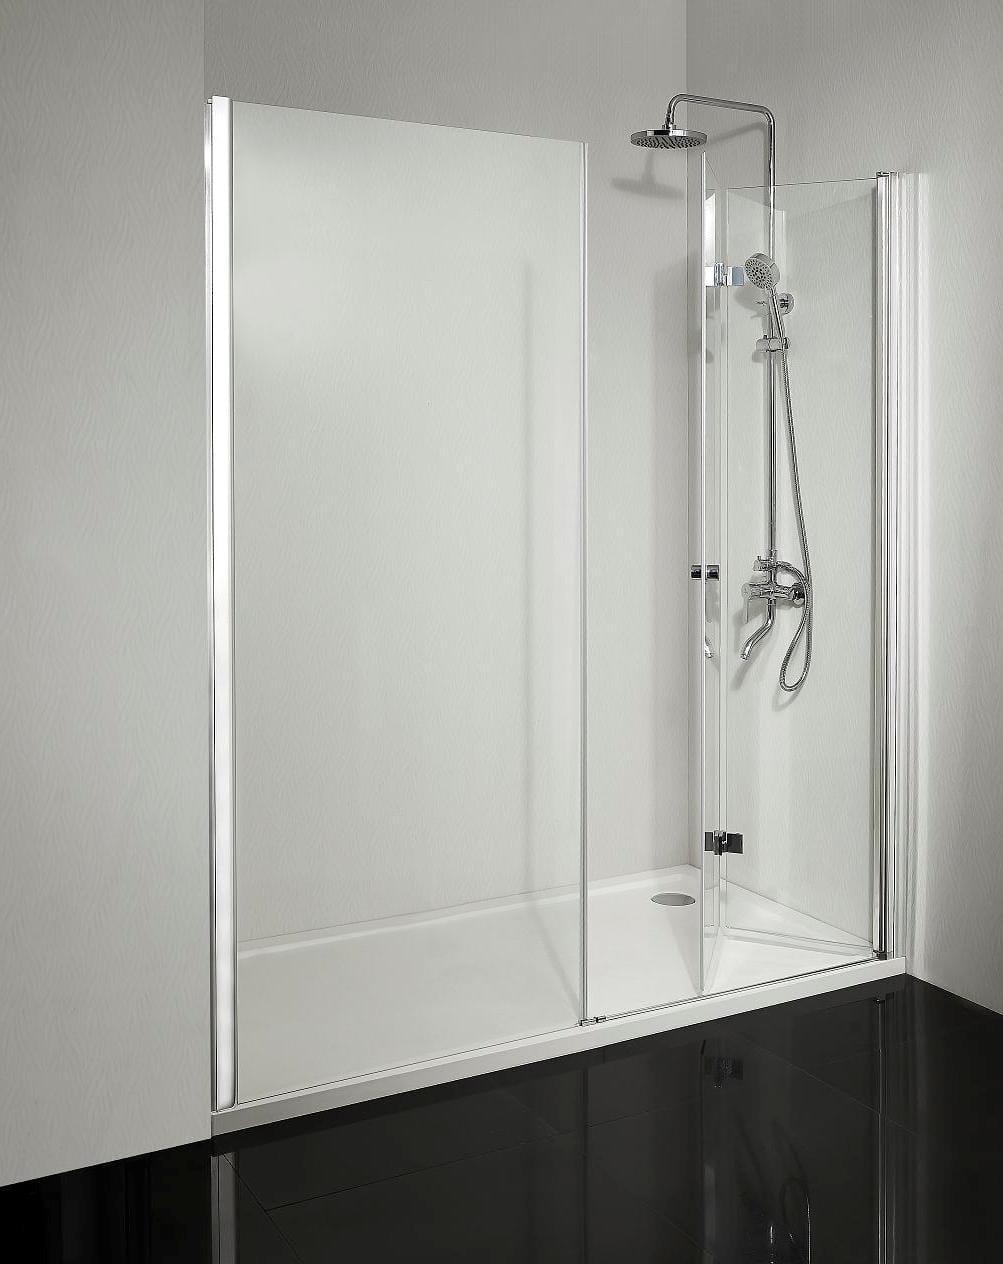 Sanotechnik - SMARTFLEX - Sprchové dvere do výklenku, výklopné, pravé 170 x 195 cm